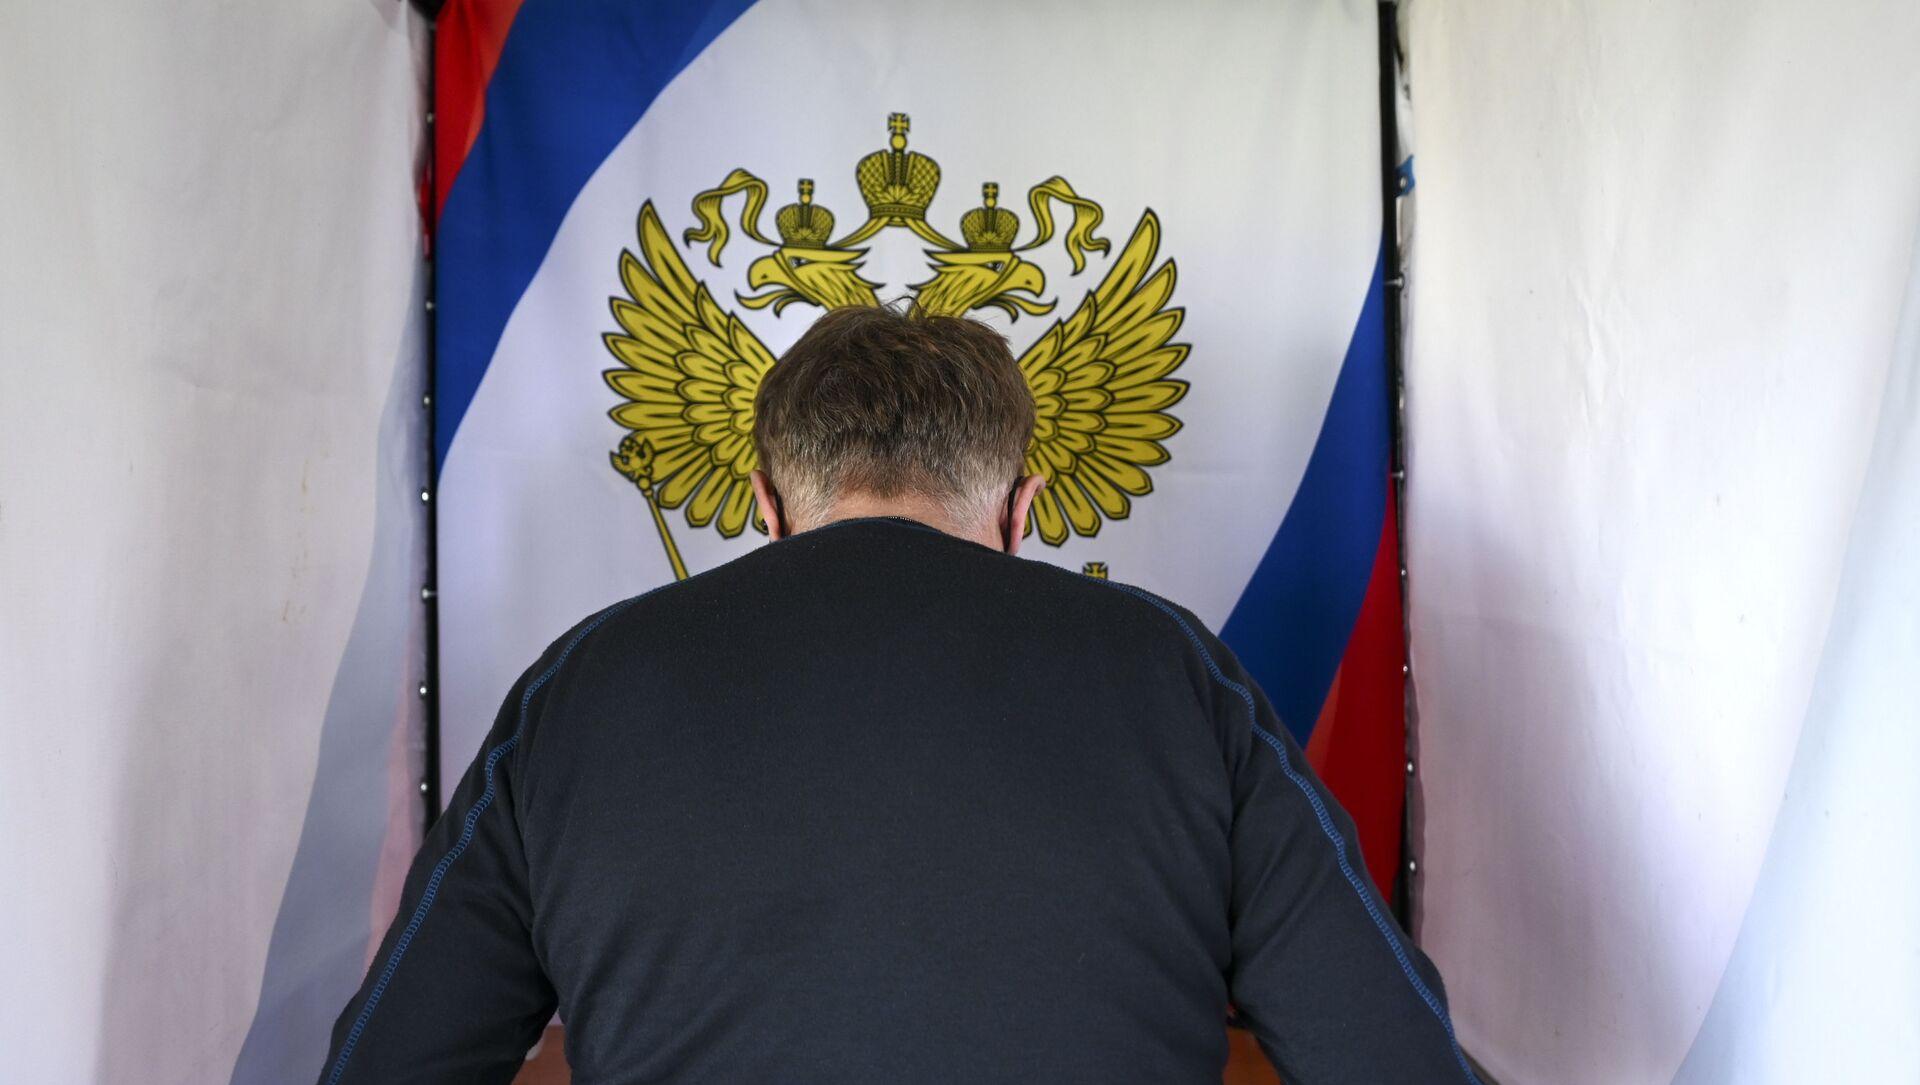 Выборы в Государственную думу в РФ (2021) - Sputnik Azərbaycan, 1920, 18.09.2021